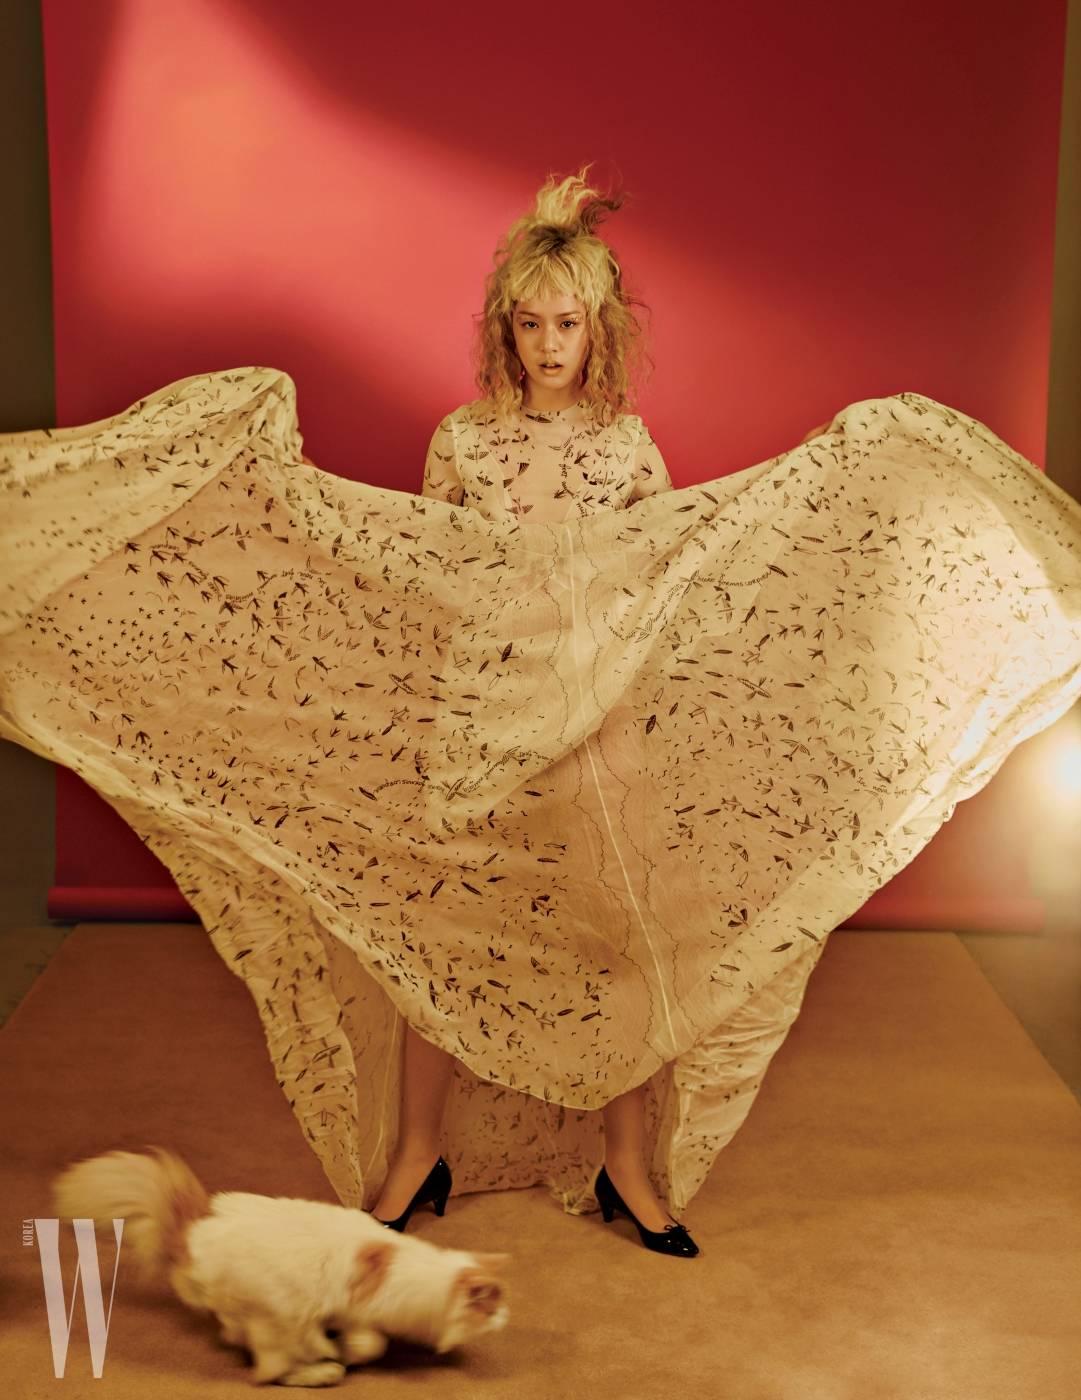 잔잔한 새 프린트 패턴의 드레스는 발렌티노 제품. 가격 미정. 슈즈는 레페토 제품4. 3만8천원.